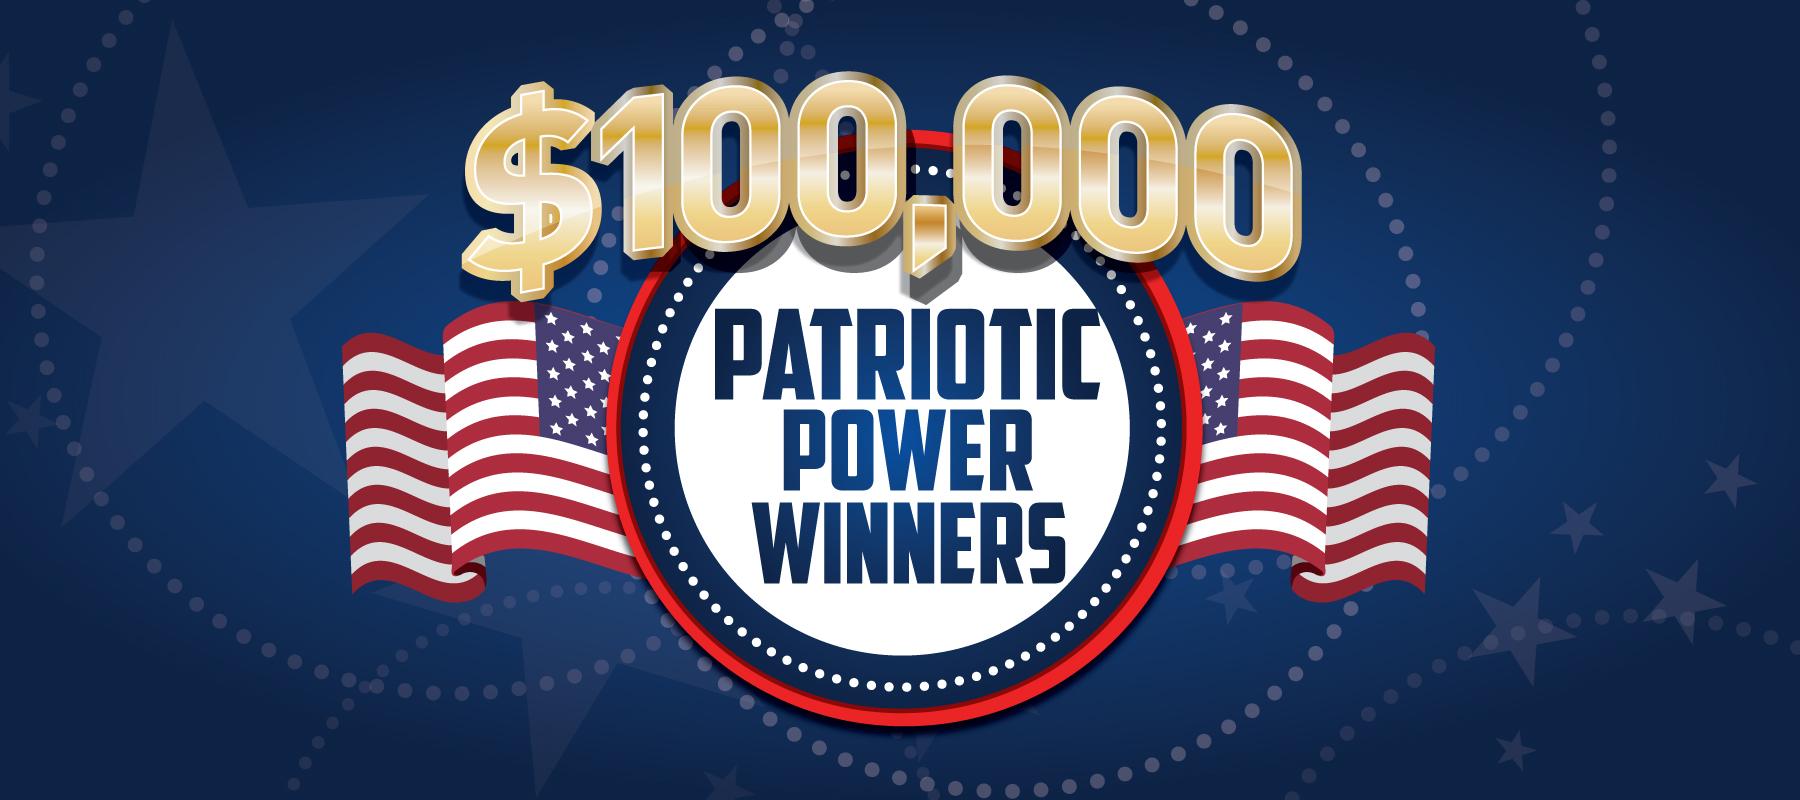 $100,000 Patriotic Power Winners